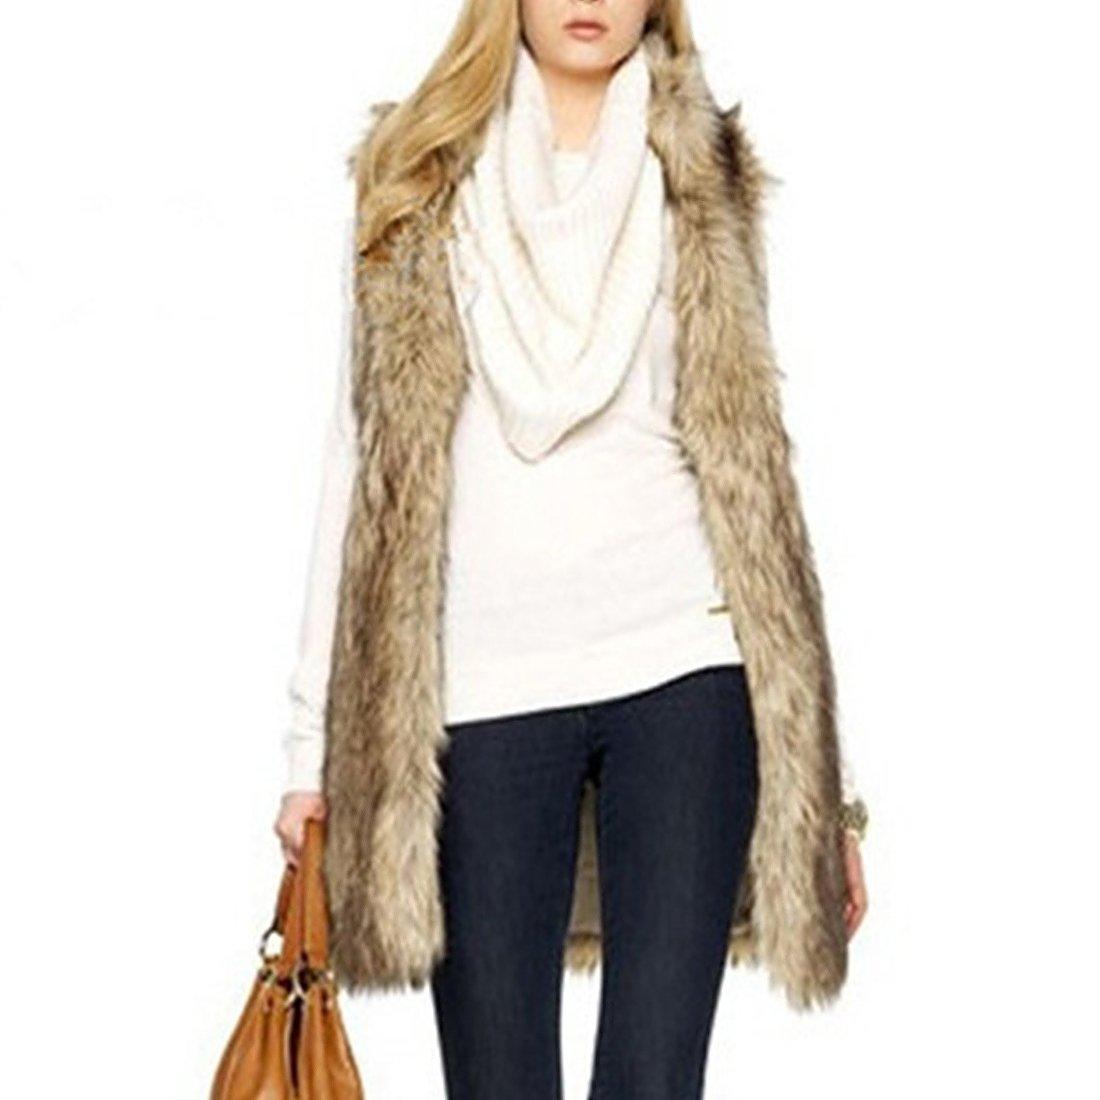 Women's Faux Fur Vest Winter Warm Sleeveless Coat Outwear Long Hair Jacket